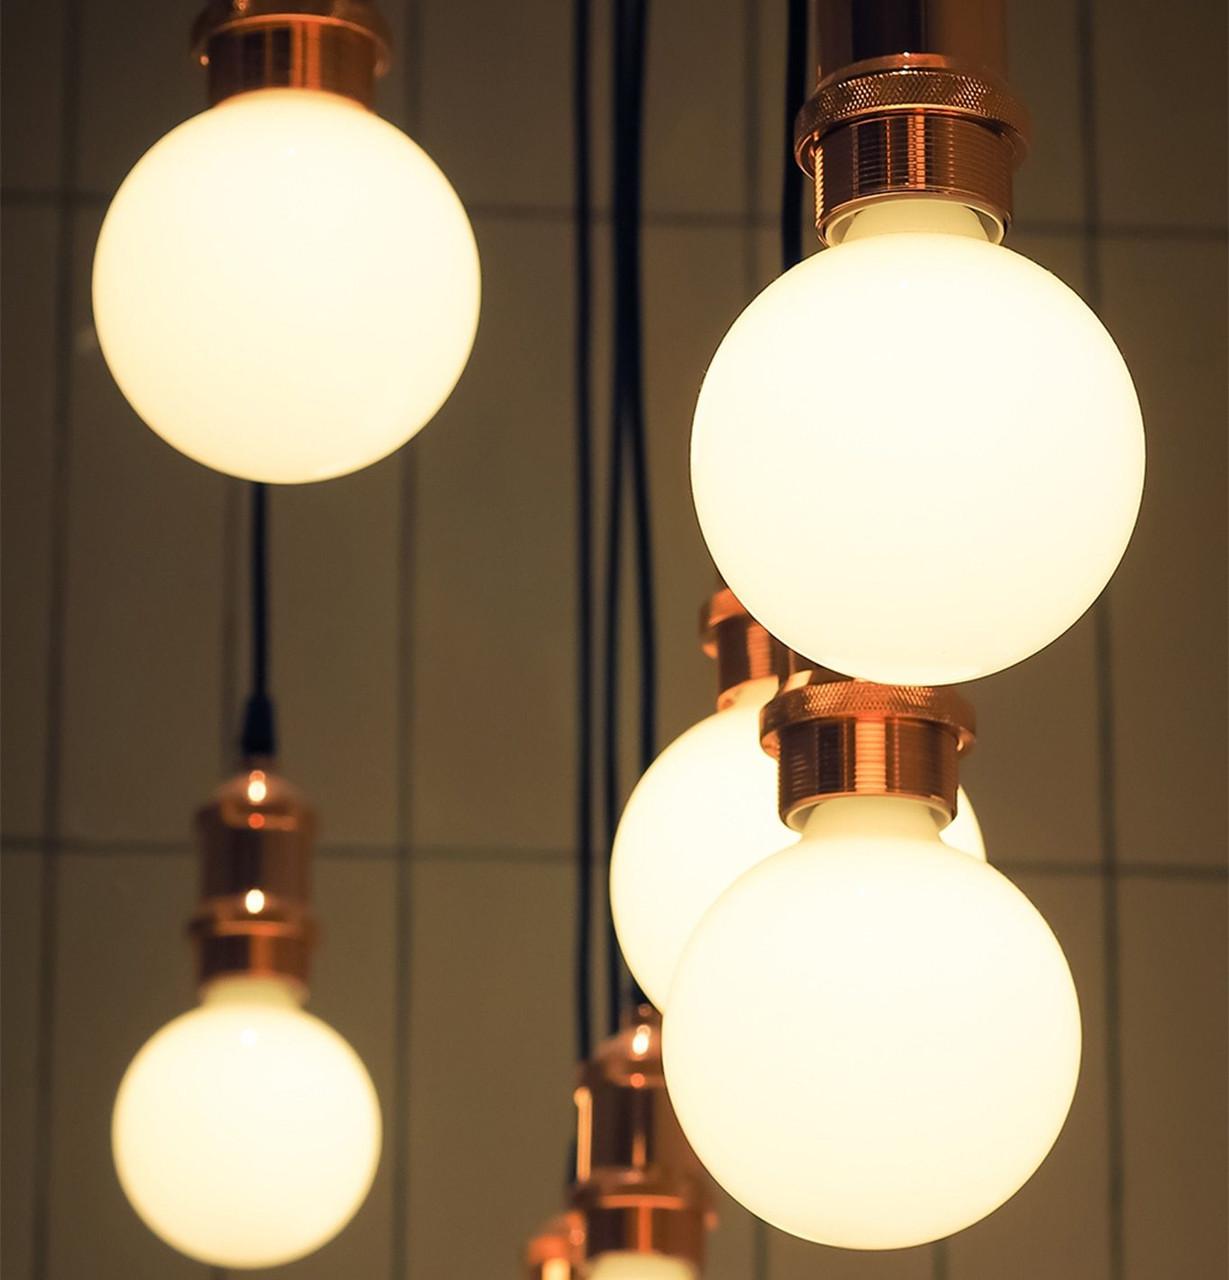 LED G95 Warm White Light Bulbs